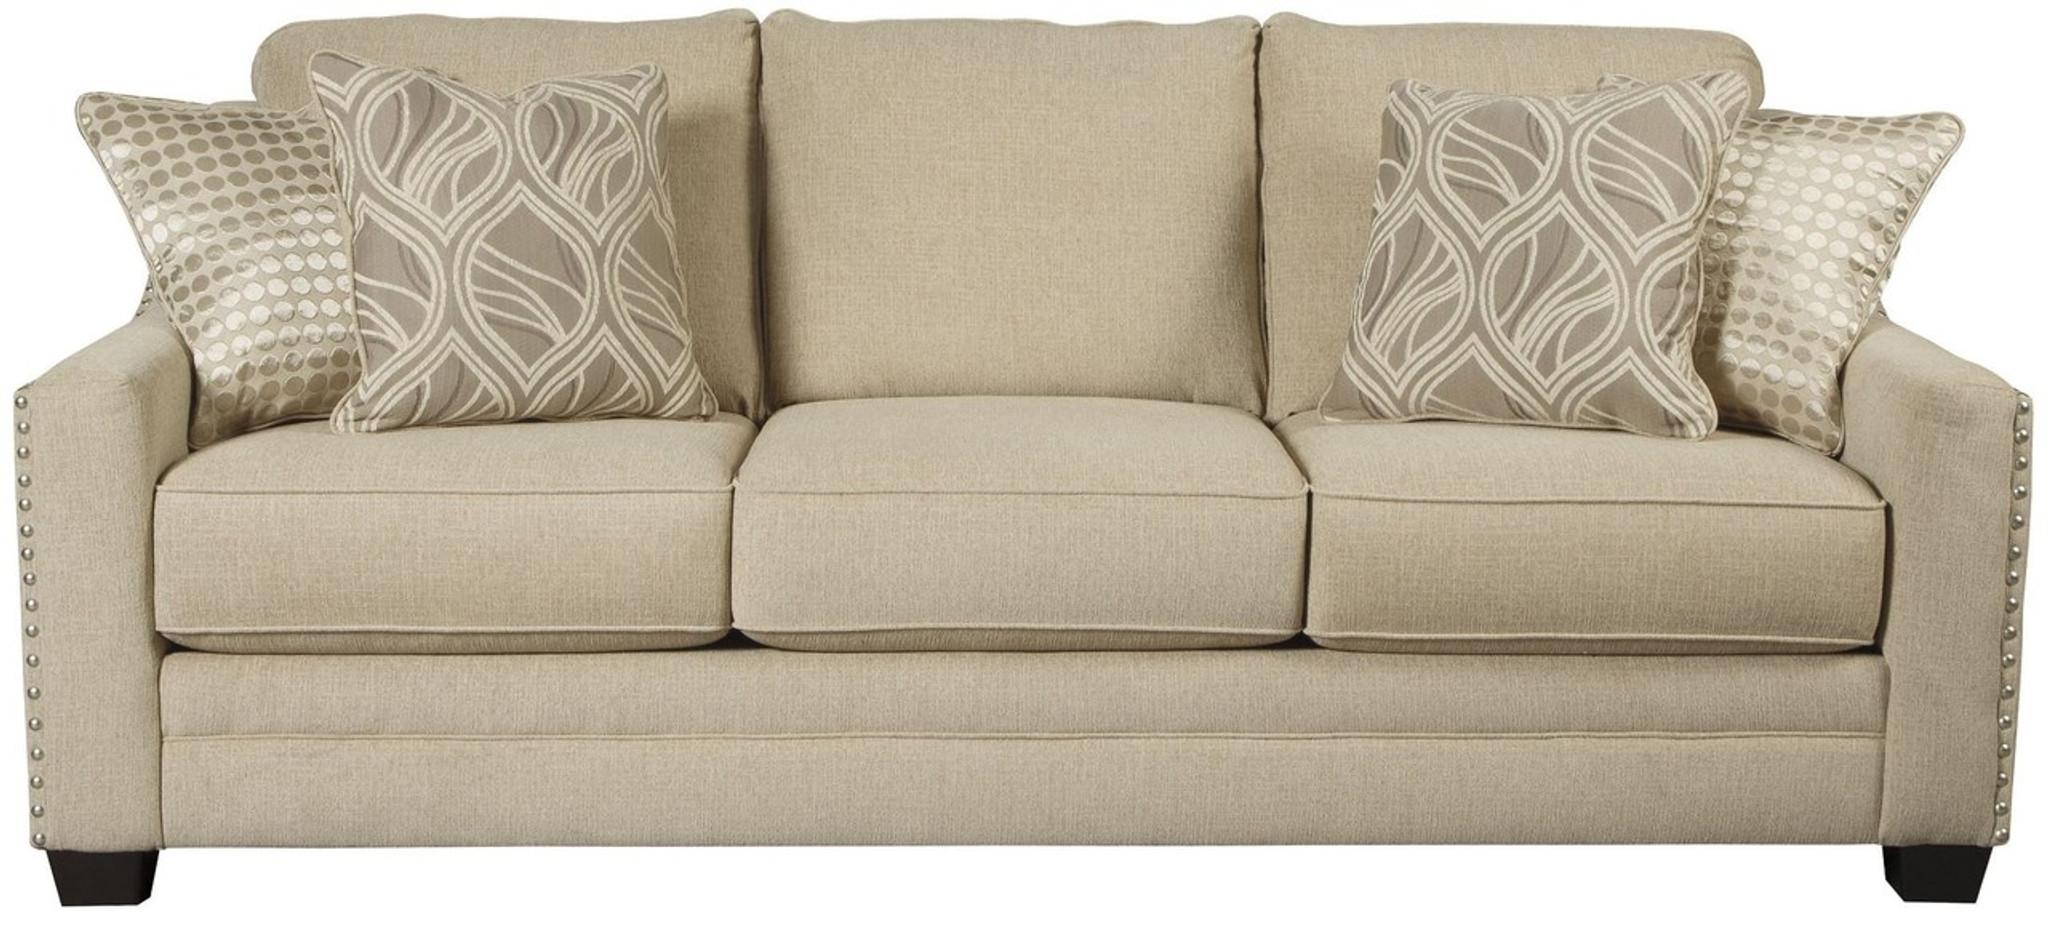 Groovy Mauricio Linen Collection Queen Sofa Sleeper Inzonedesignstudio Interior Chair Design Inzonedesignstudiocom